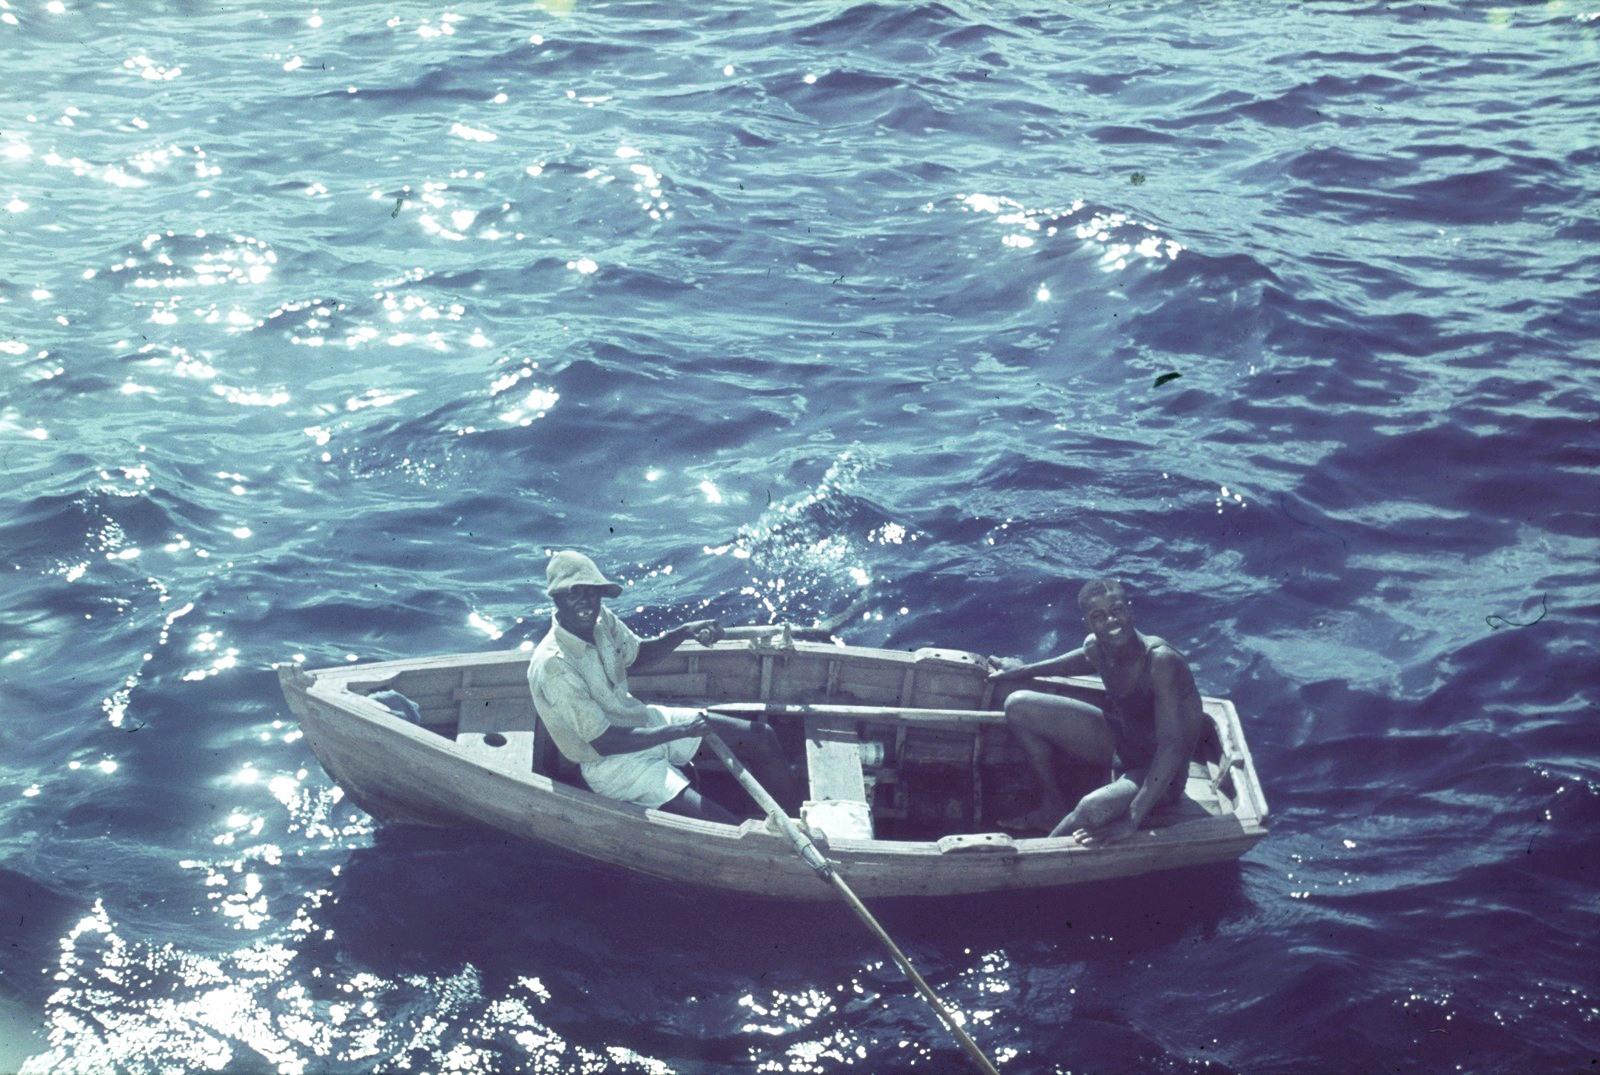 Гаити. Два местных жителей на лодке. Вид с пассажирского судна